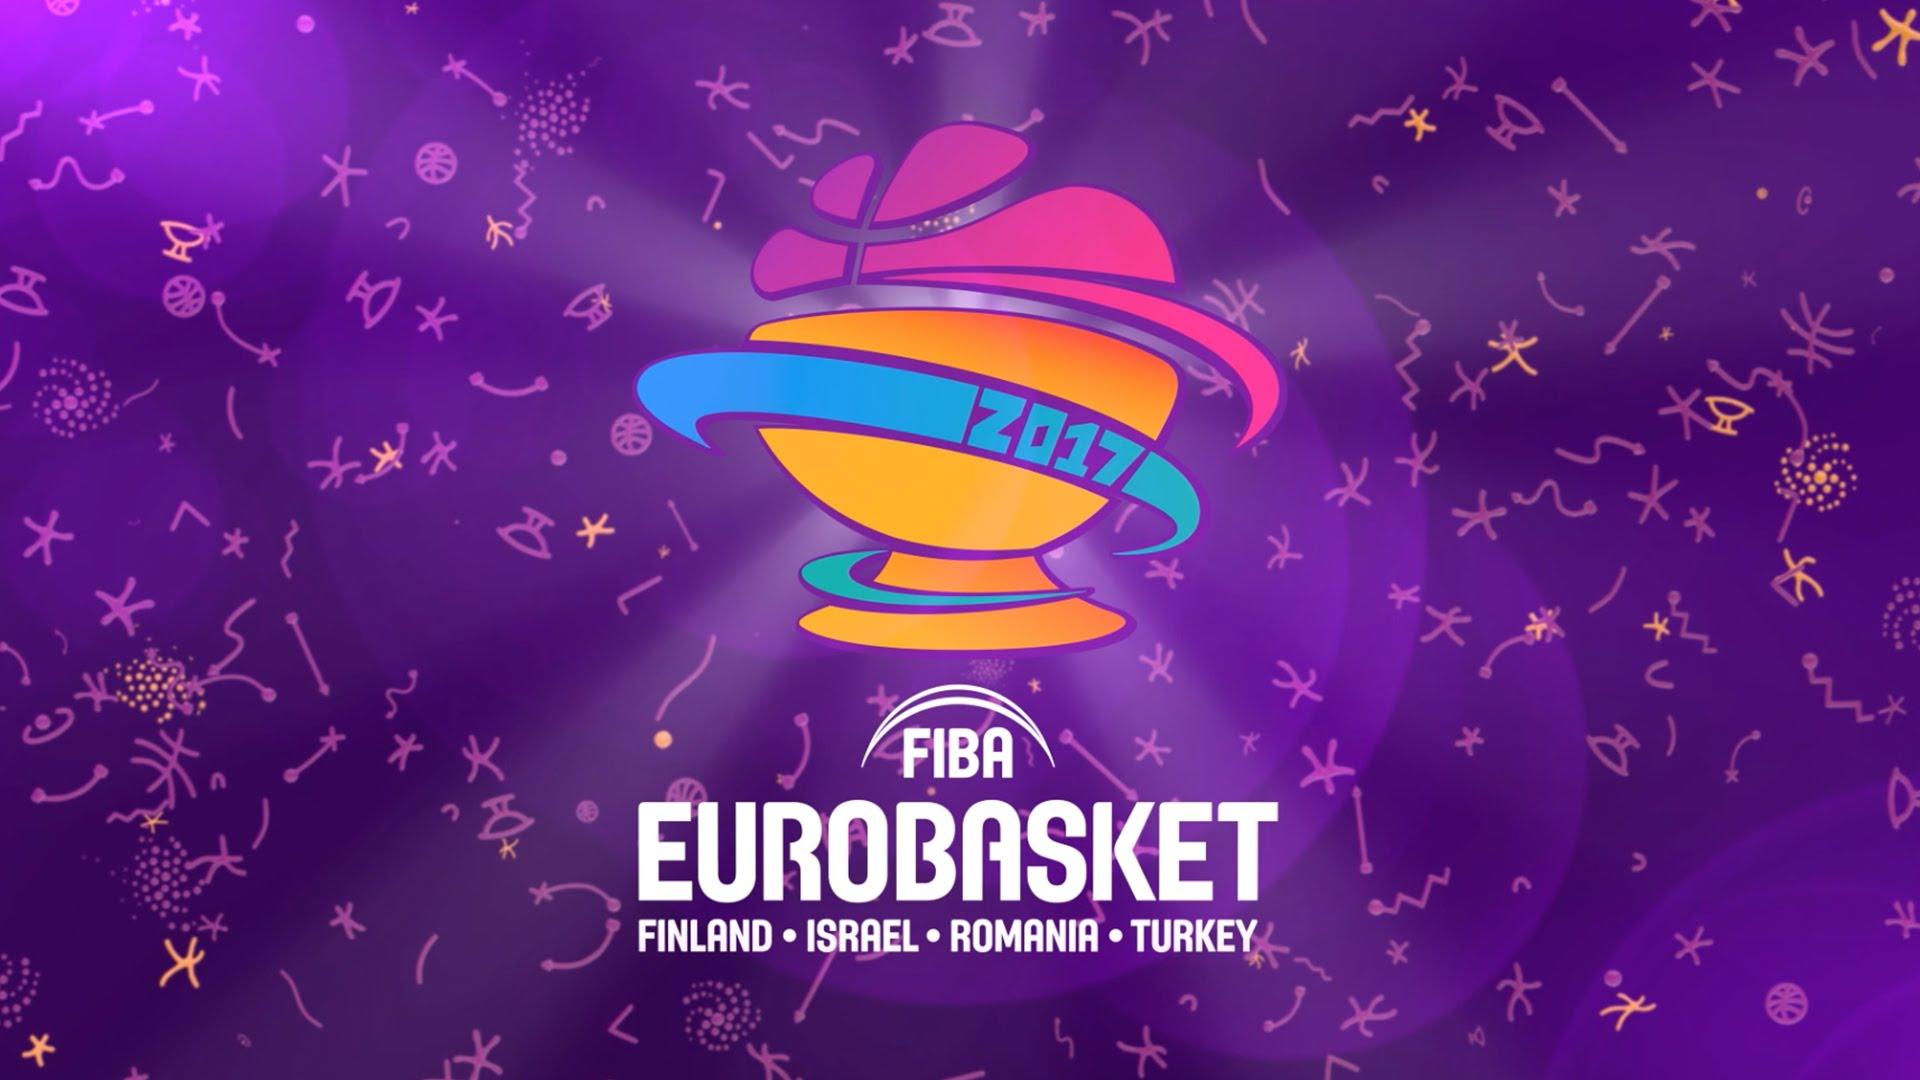 Le guide de l'EuroBasket 2017